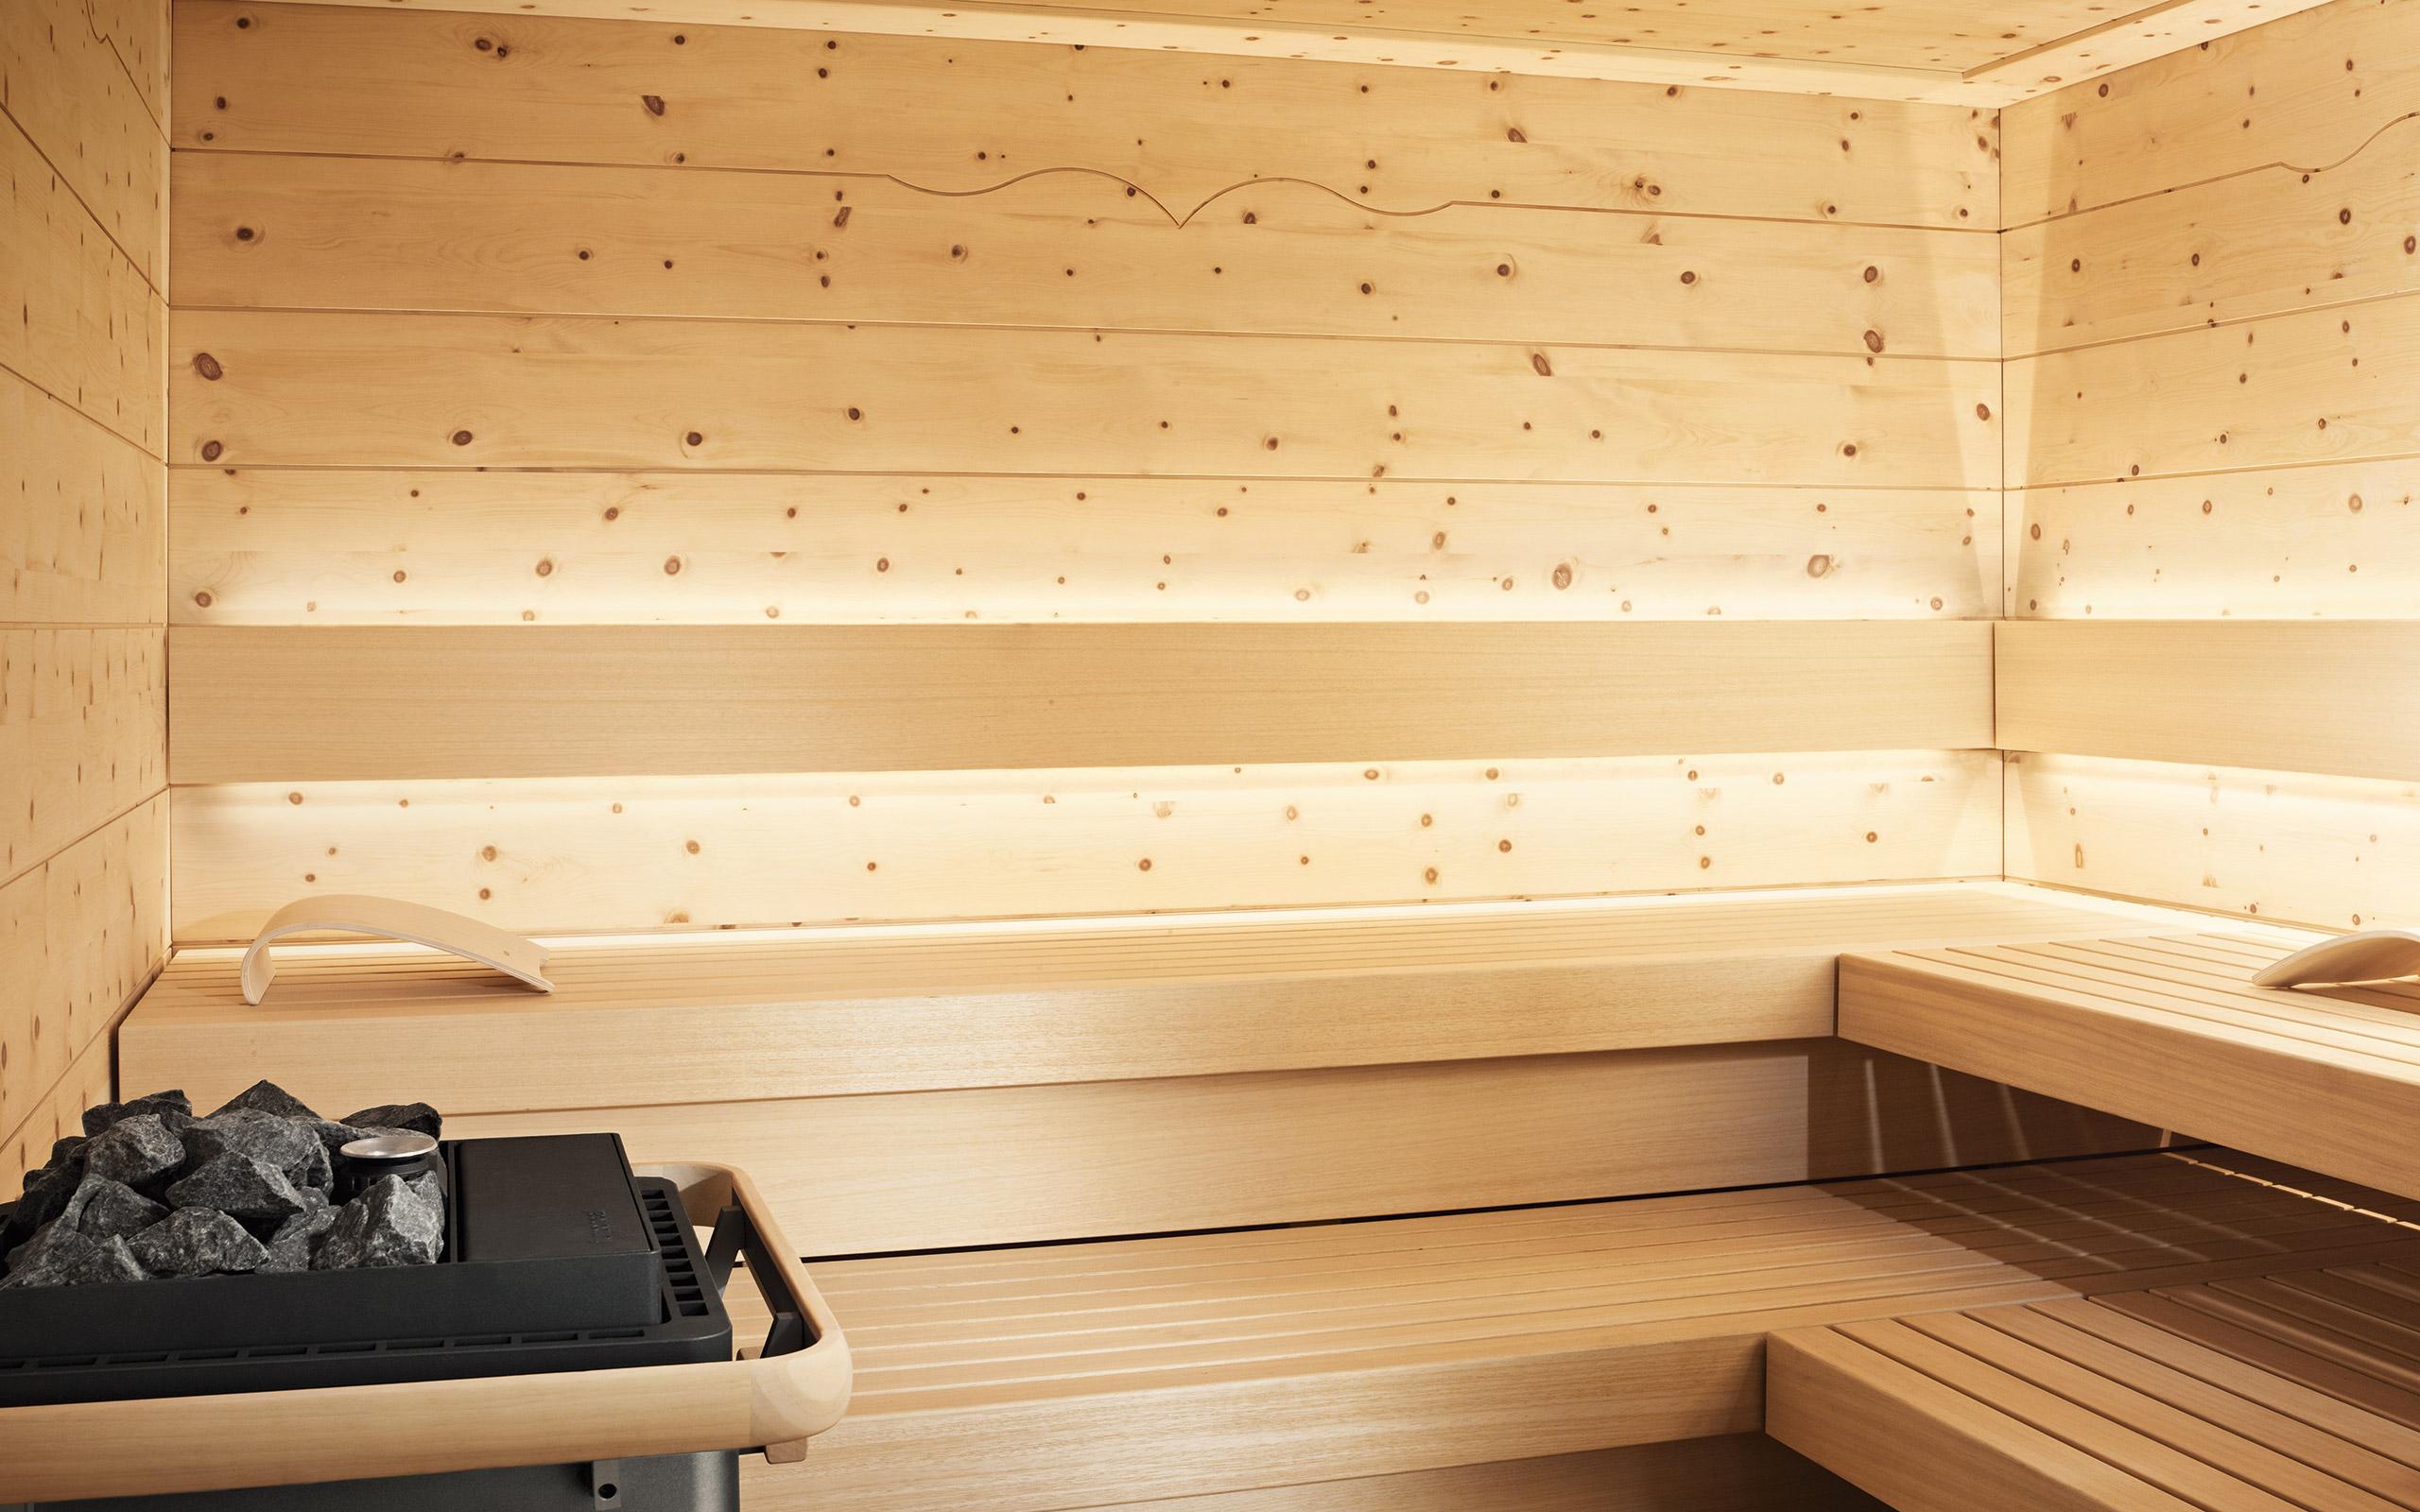 Внутренняя отделка бани: практичные материалы